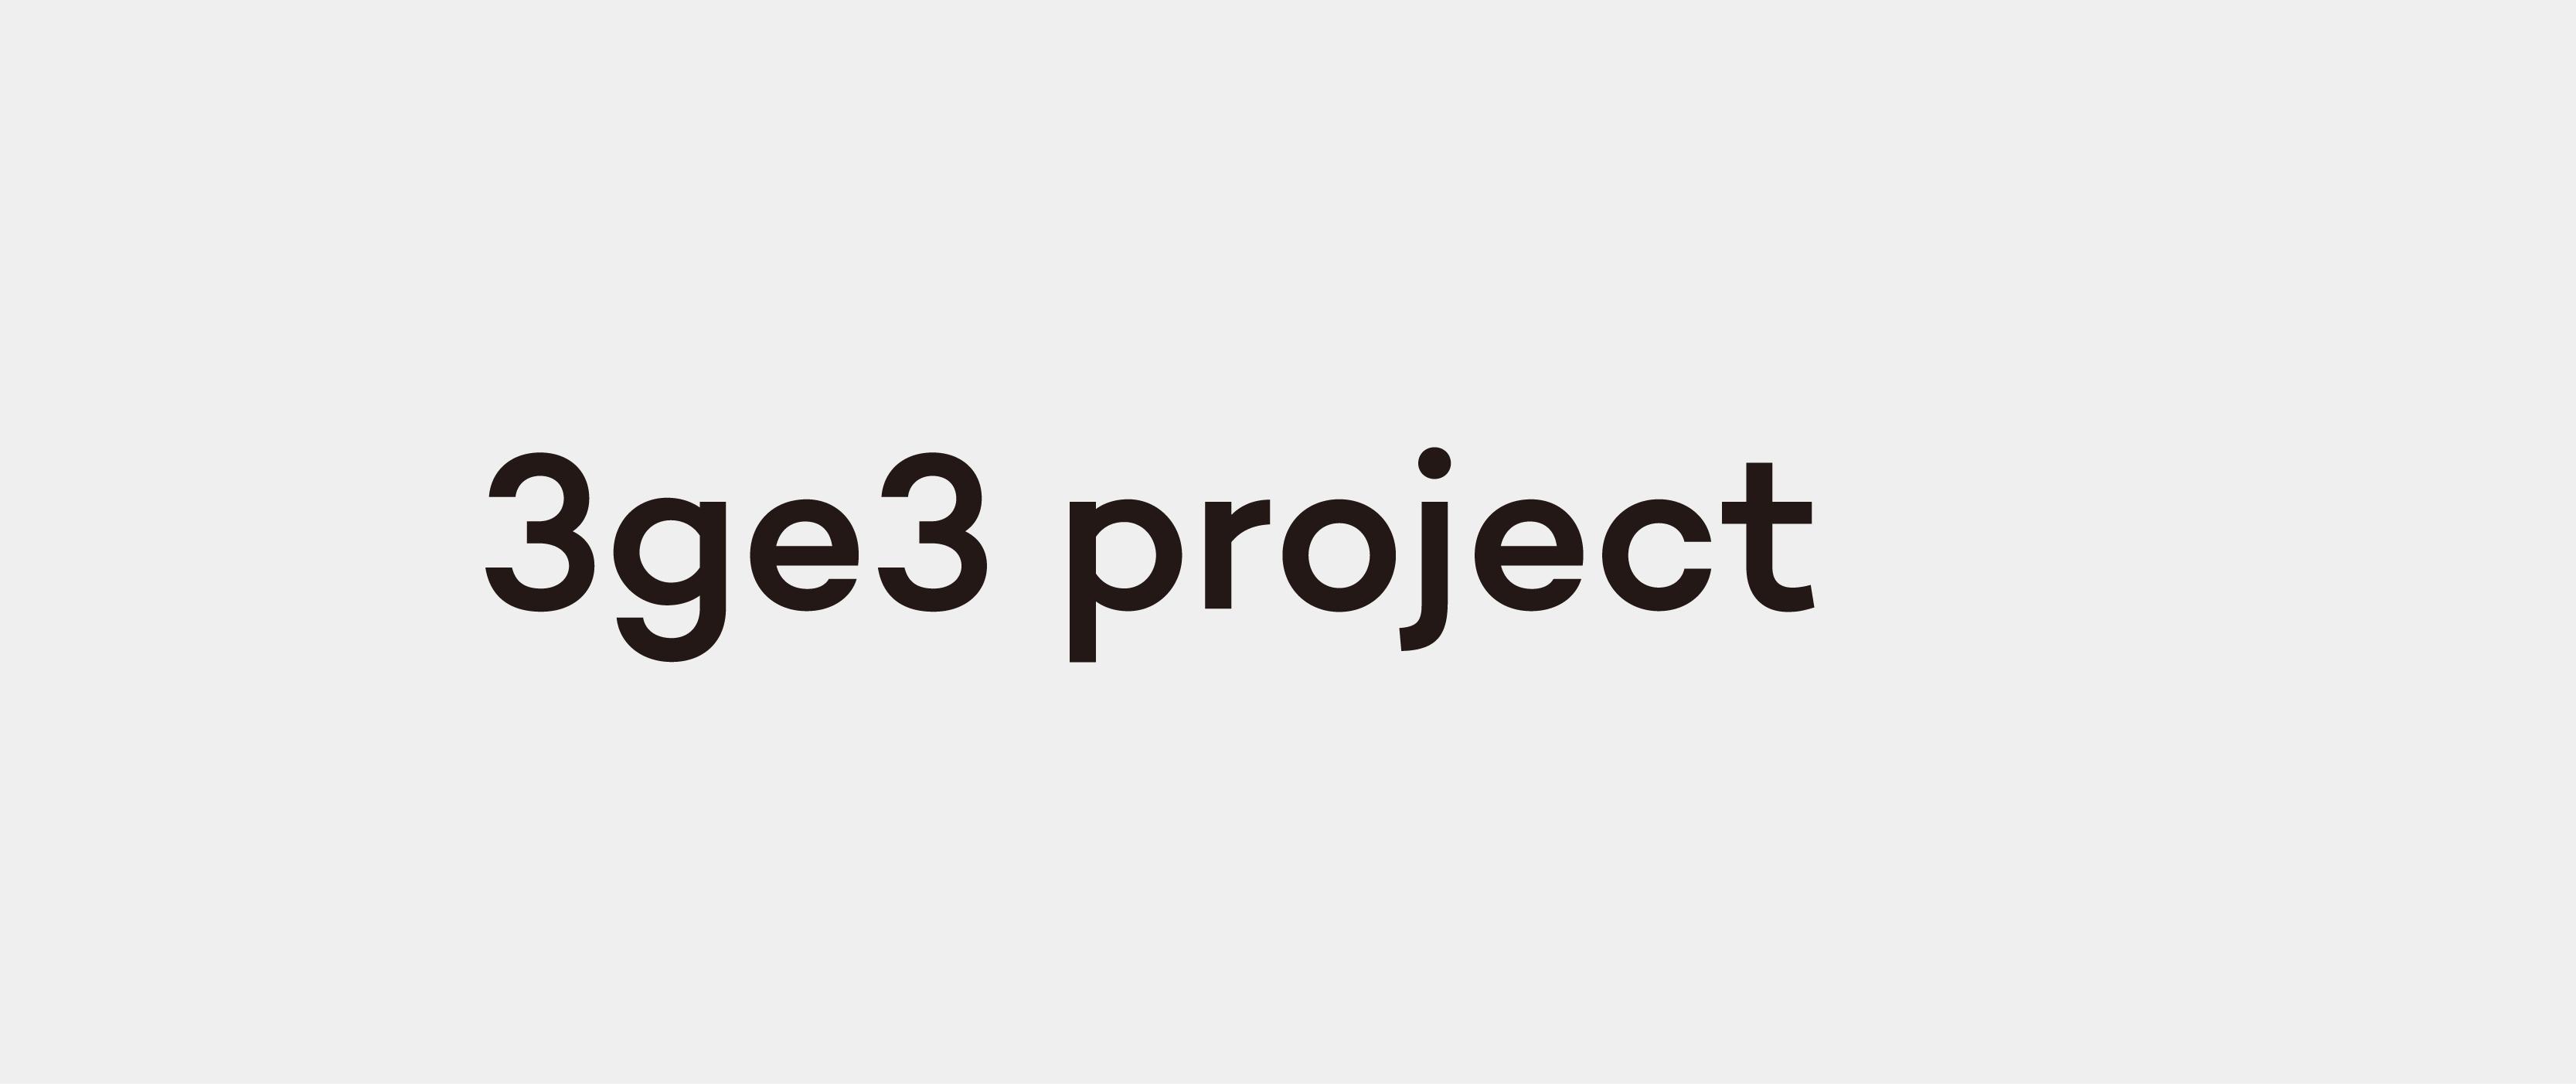 3ge3 project,联合艺术家变革艺术品,使之进入日常生活、便于使用。一生二、二生三、三生无限。品牌源自2011年起的素然没事儿生肖系列。